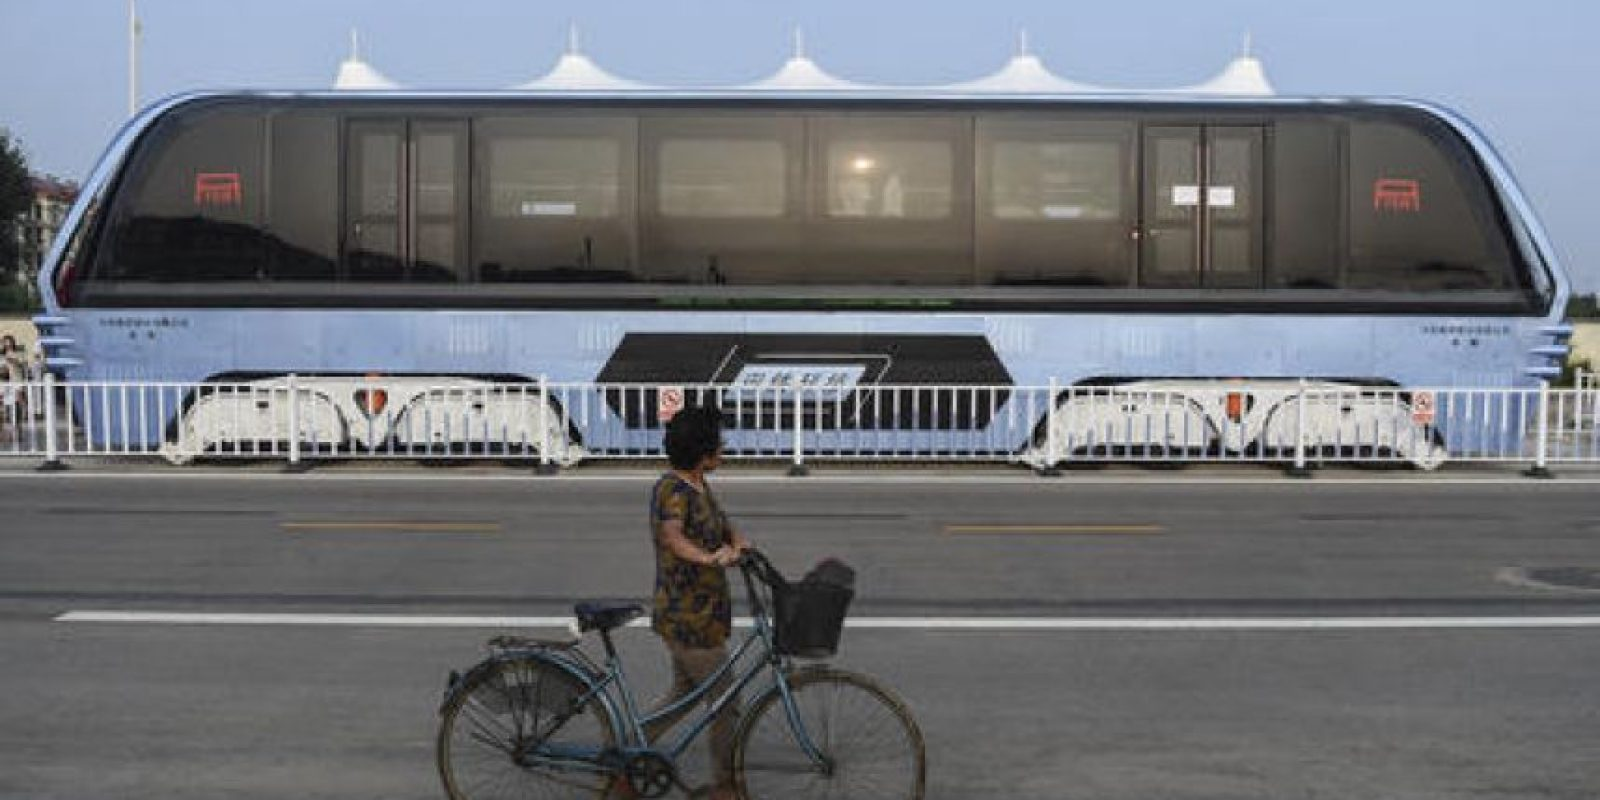 Podrá reemplazar a 40 autobuses Foto:AP